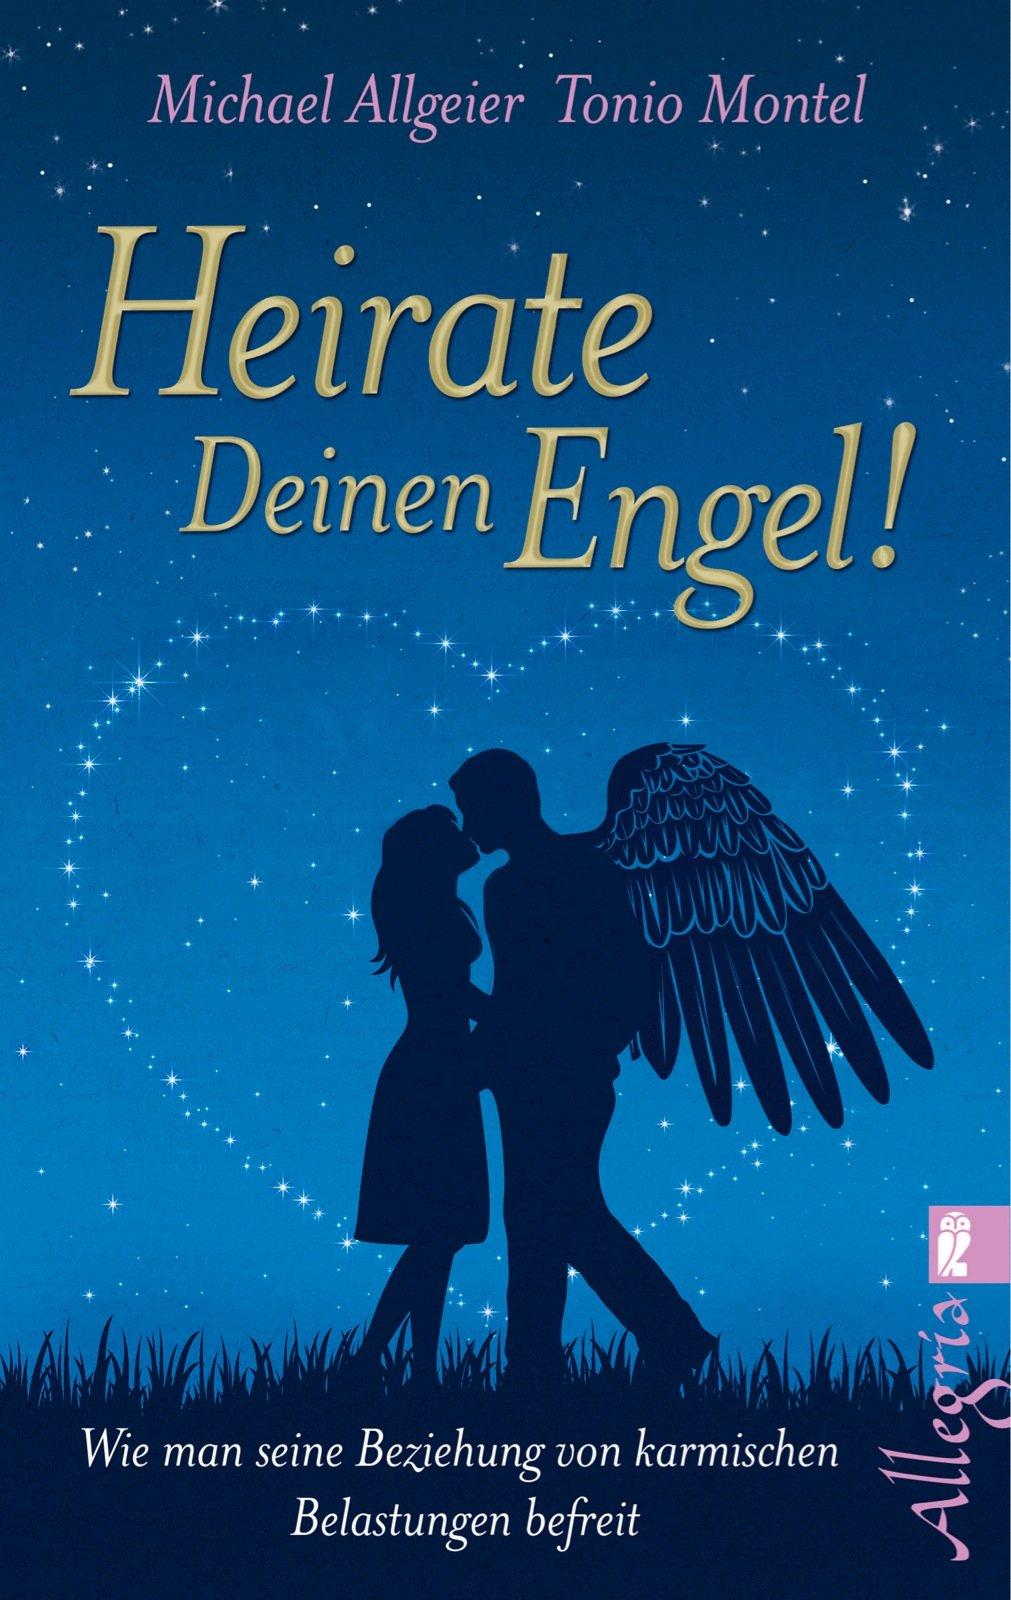 Heirate Deinen Engel!: Wie man seine Beziehung von karmischen Belastungen befreit